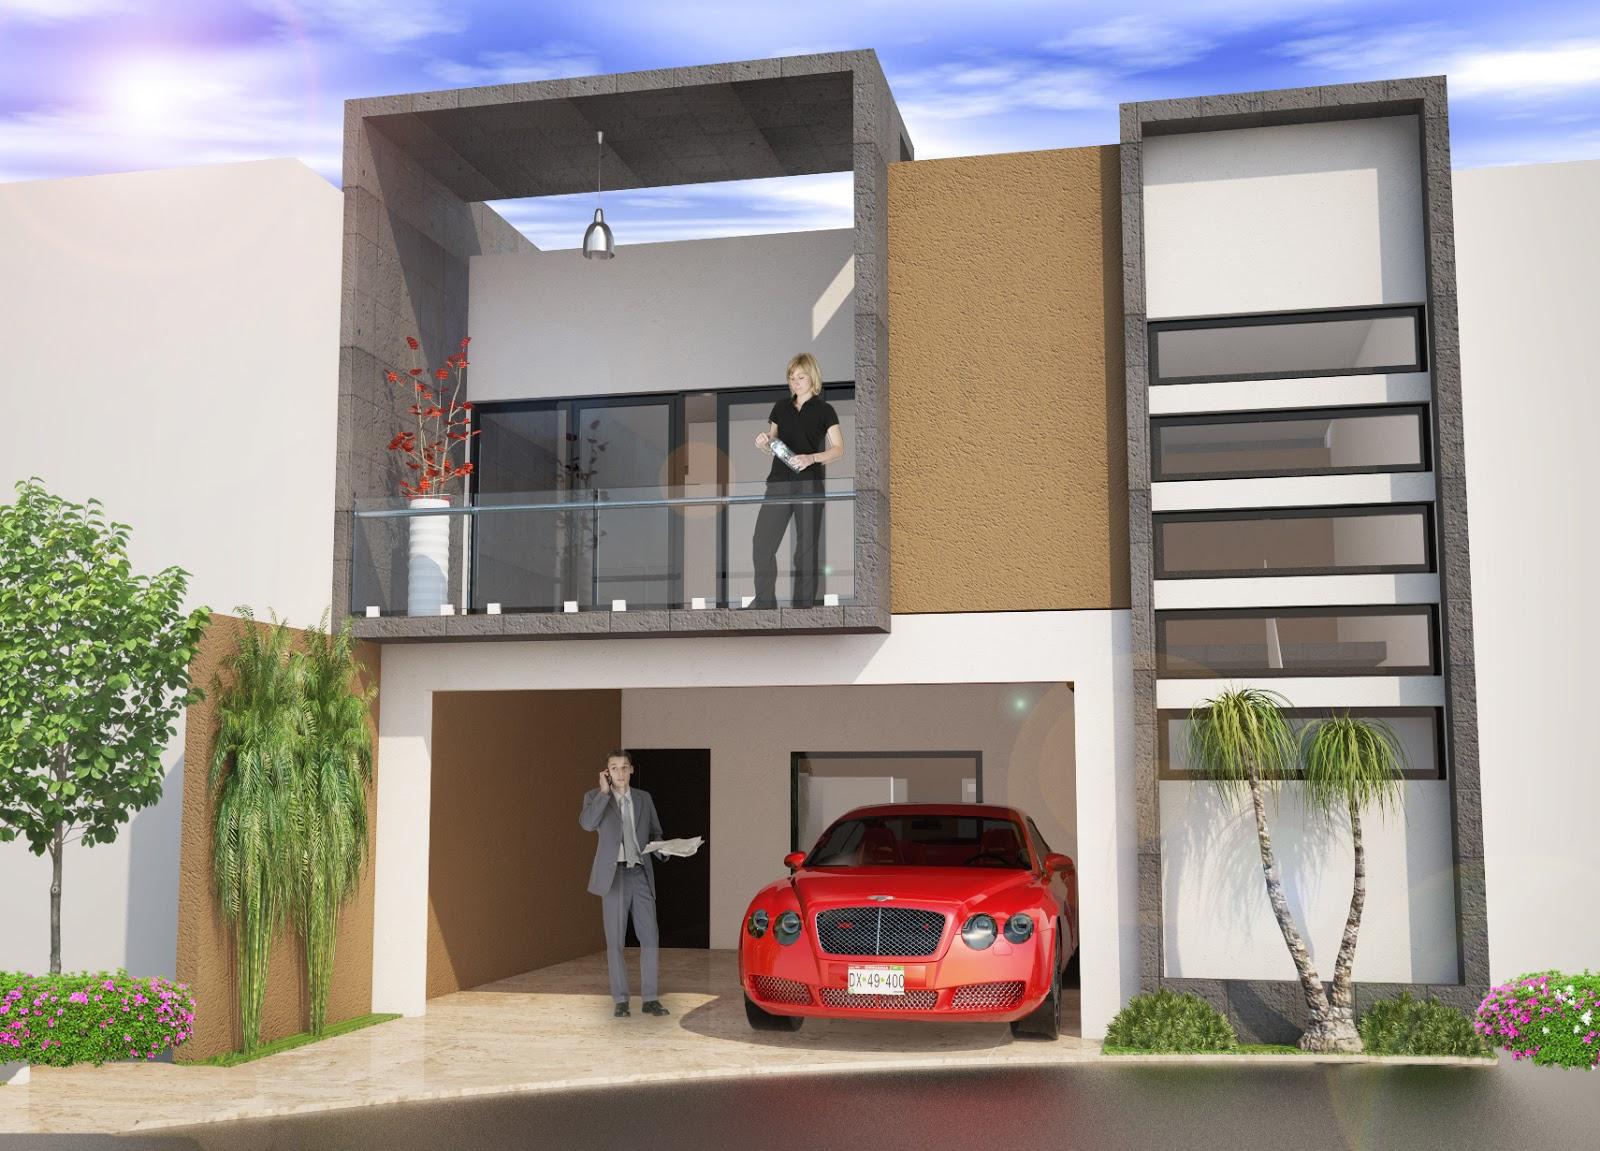 Basa creativos arquitectura casas inter s medio for Ideas de arquitectura para casas